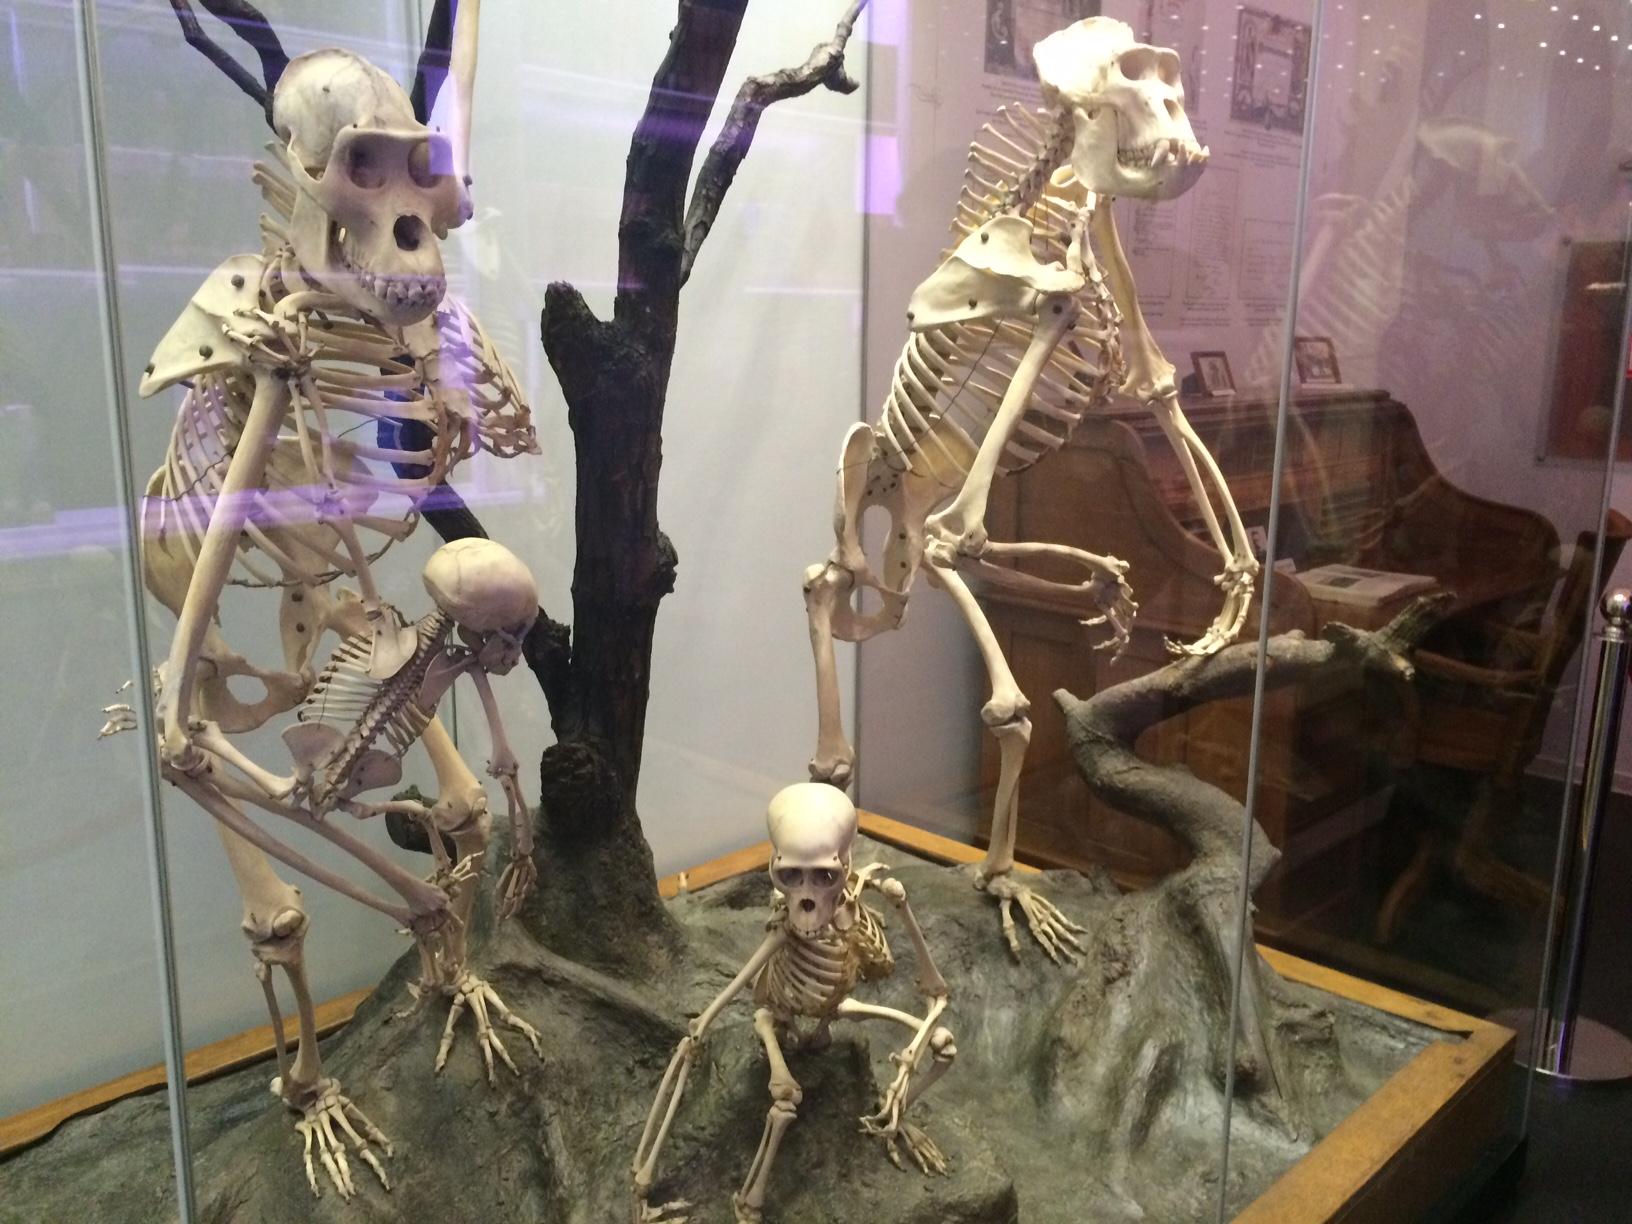 De vizitat în Bucureşti: Muzeul Naţional de Istorie Naturală Grigore Antipa